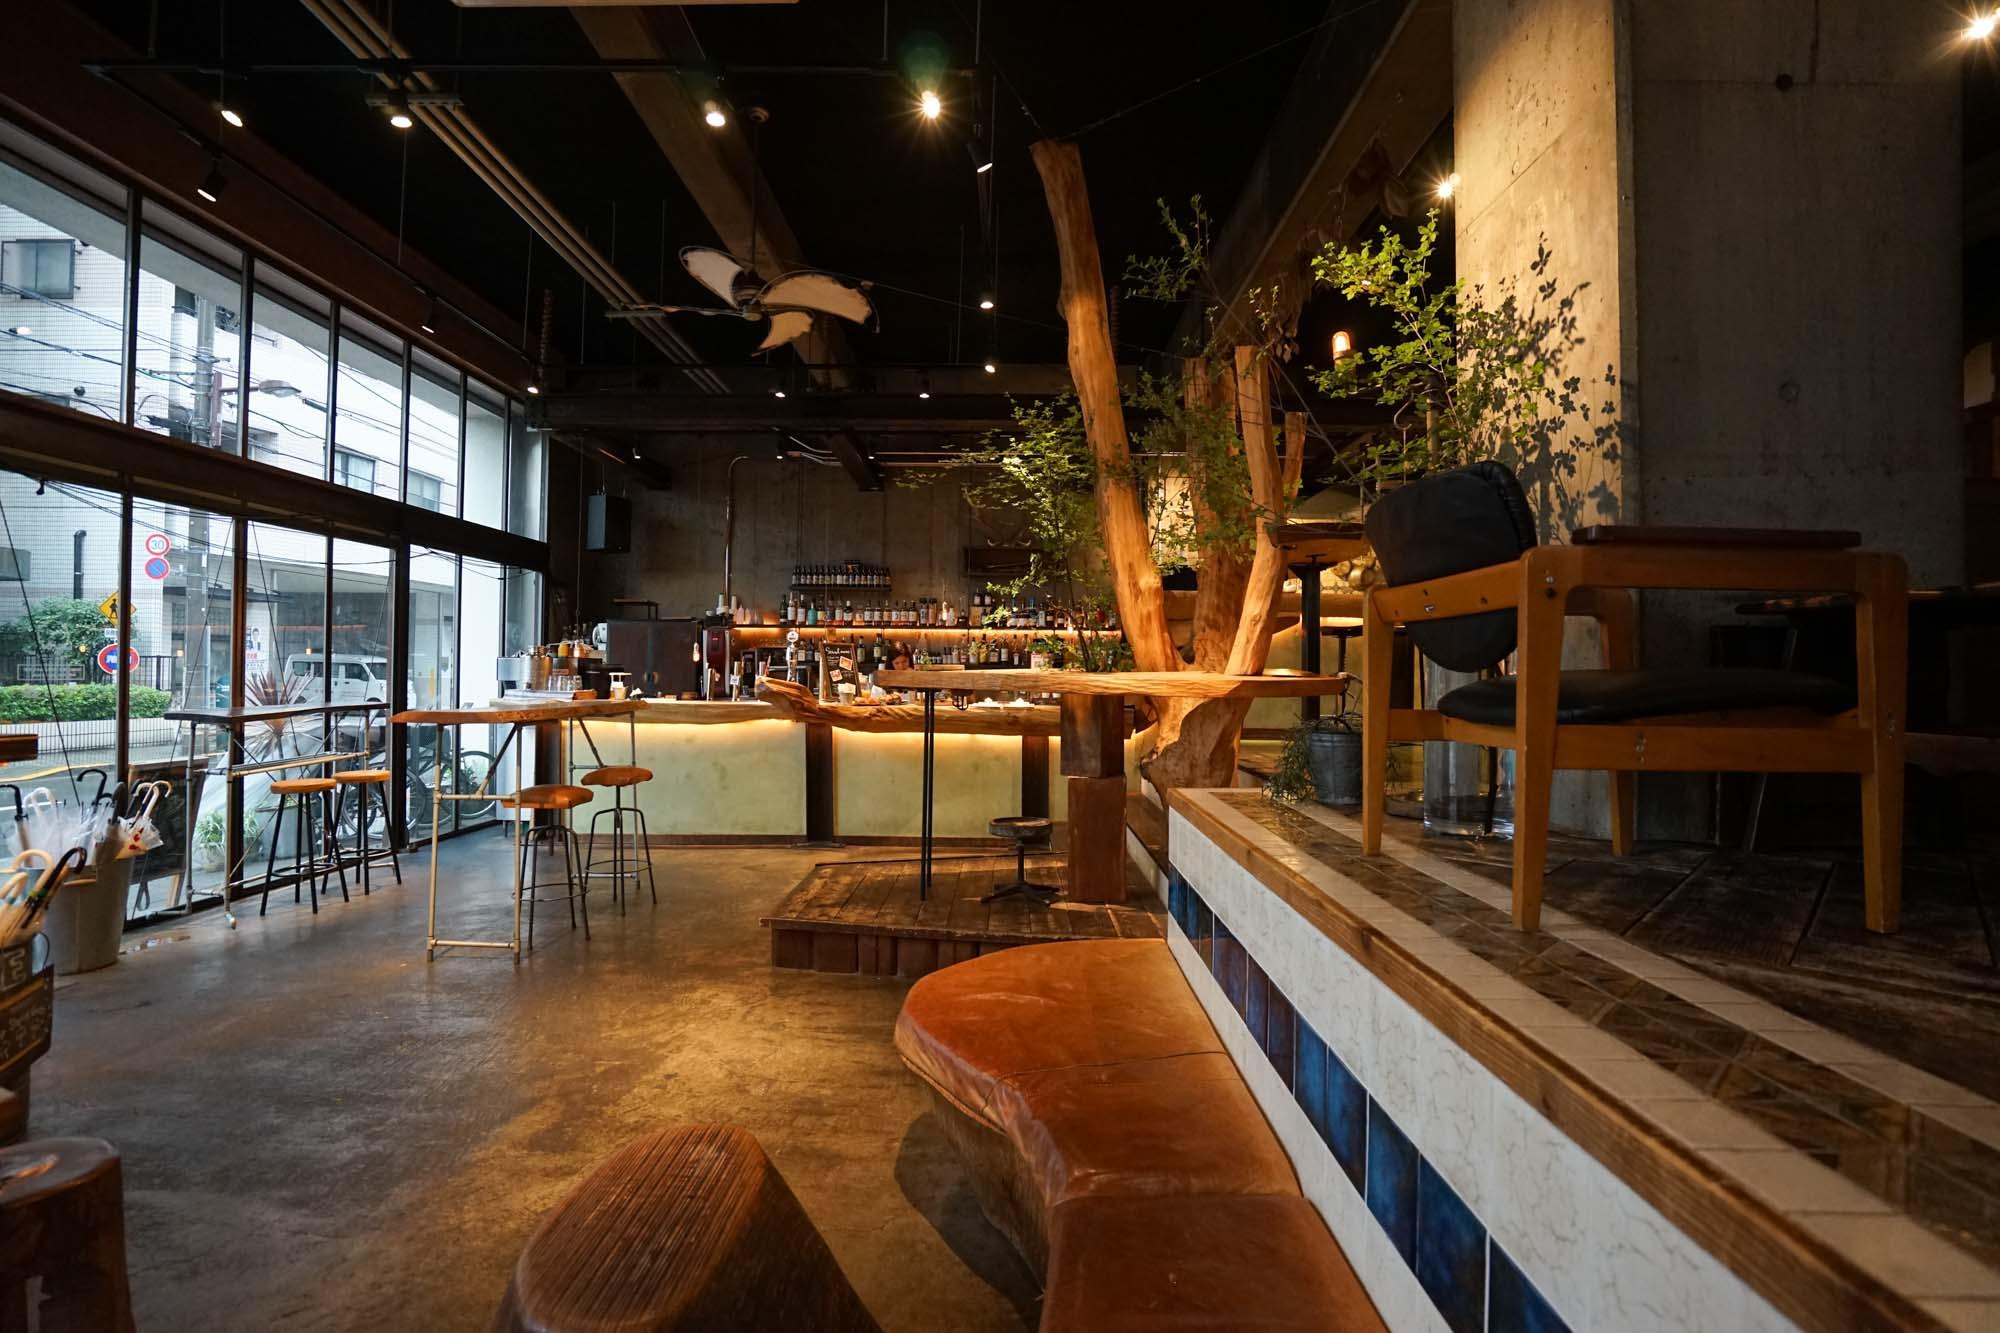 天井が高く、開放的な1階のカフェ&バーラウンジ。